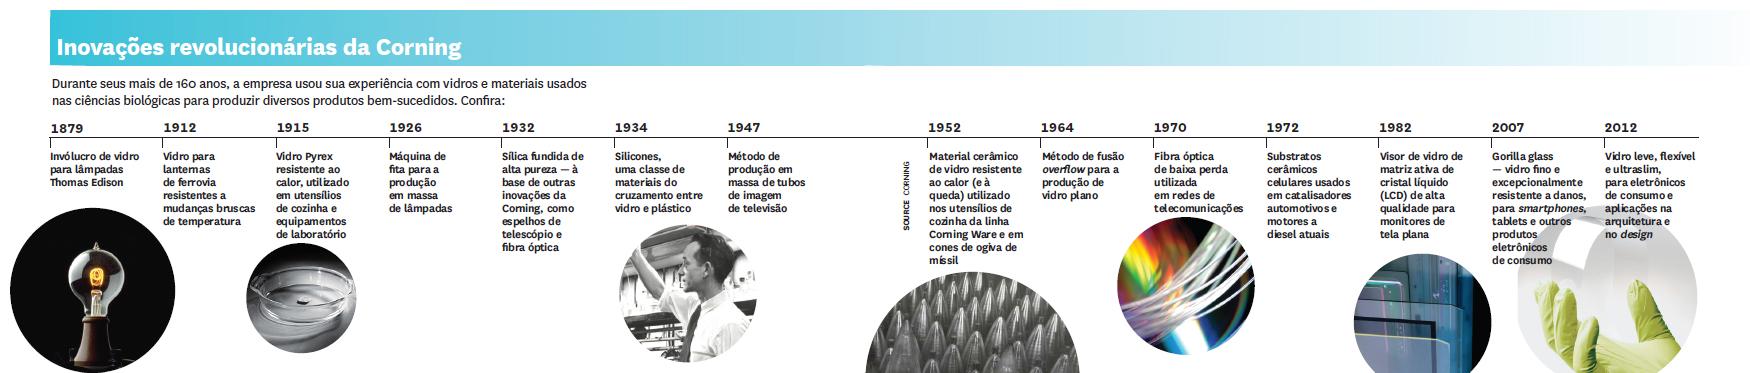 Inovações revolucionárias da Corning